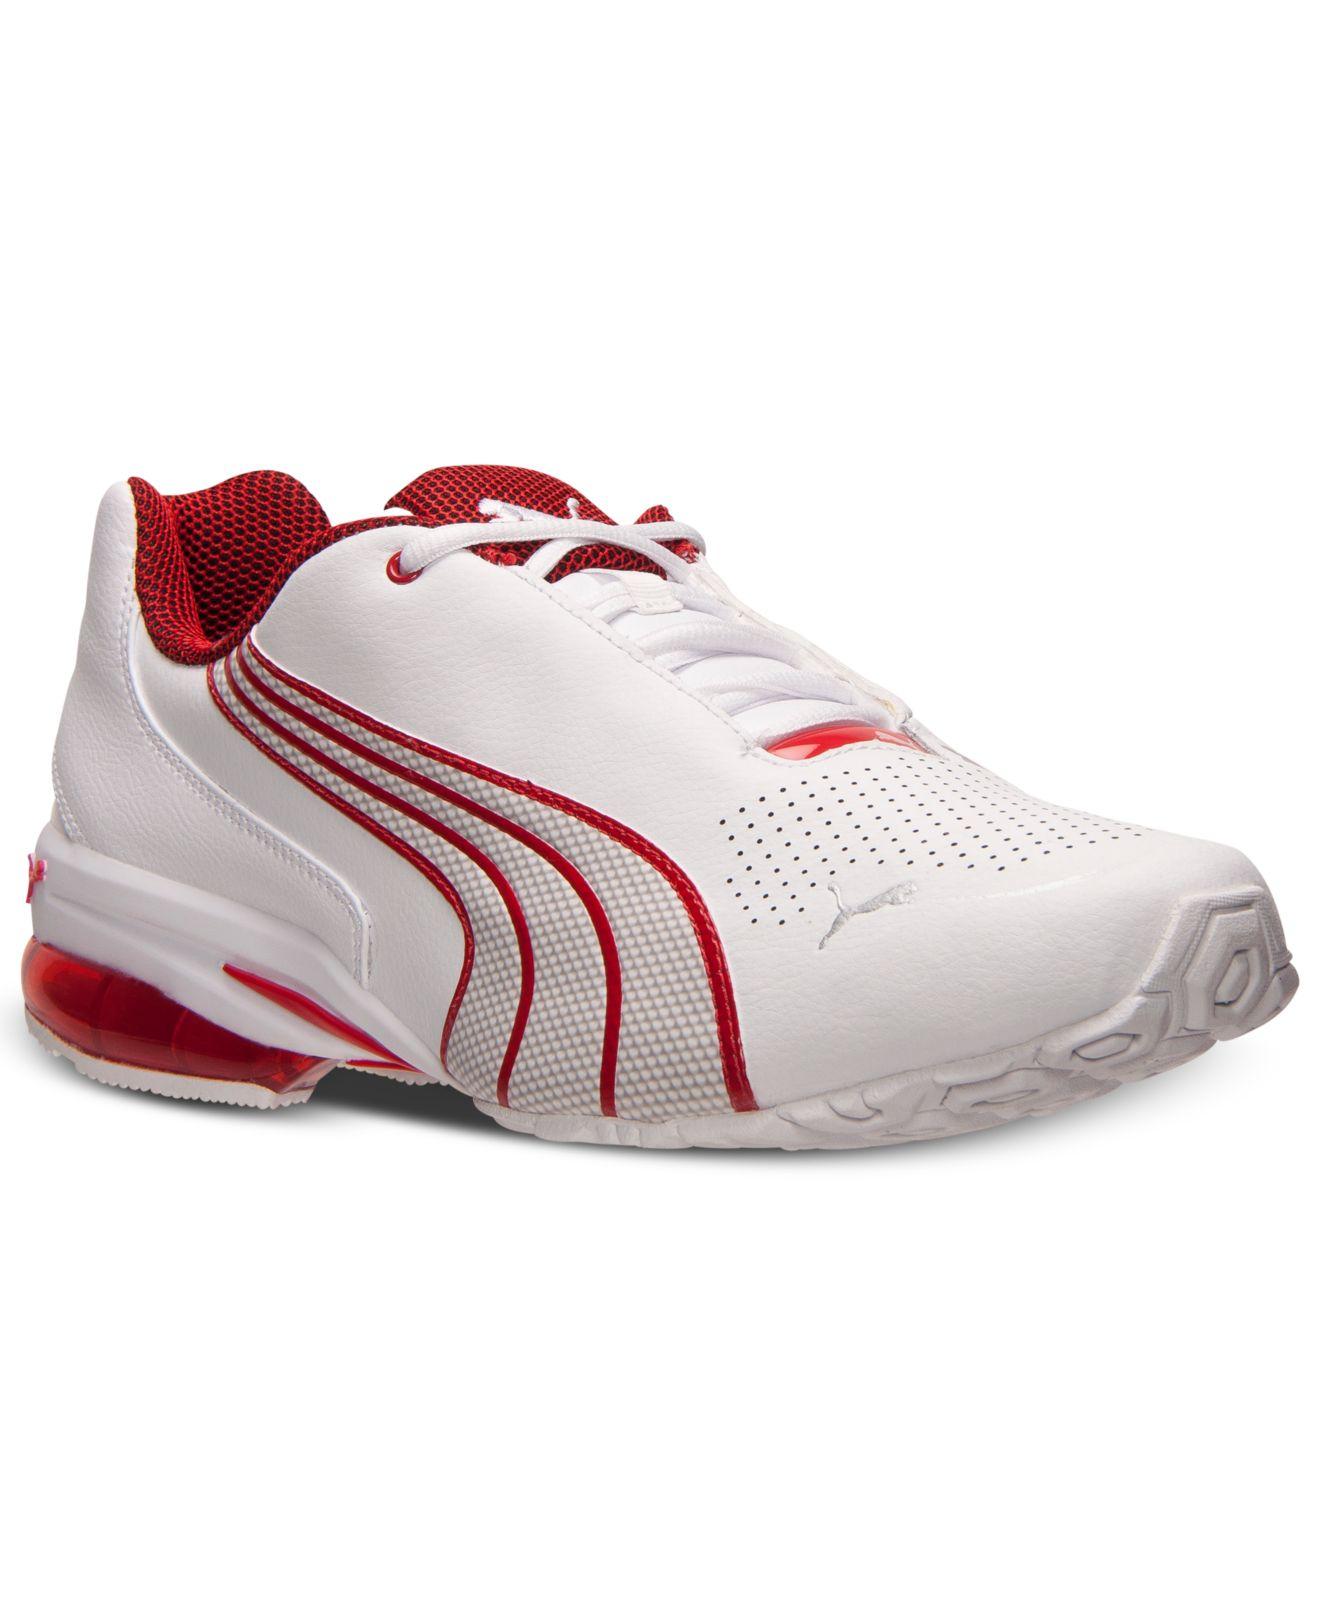 Puma Jago Cell Running Shoe